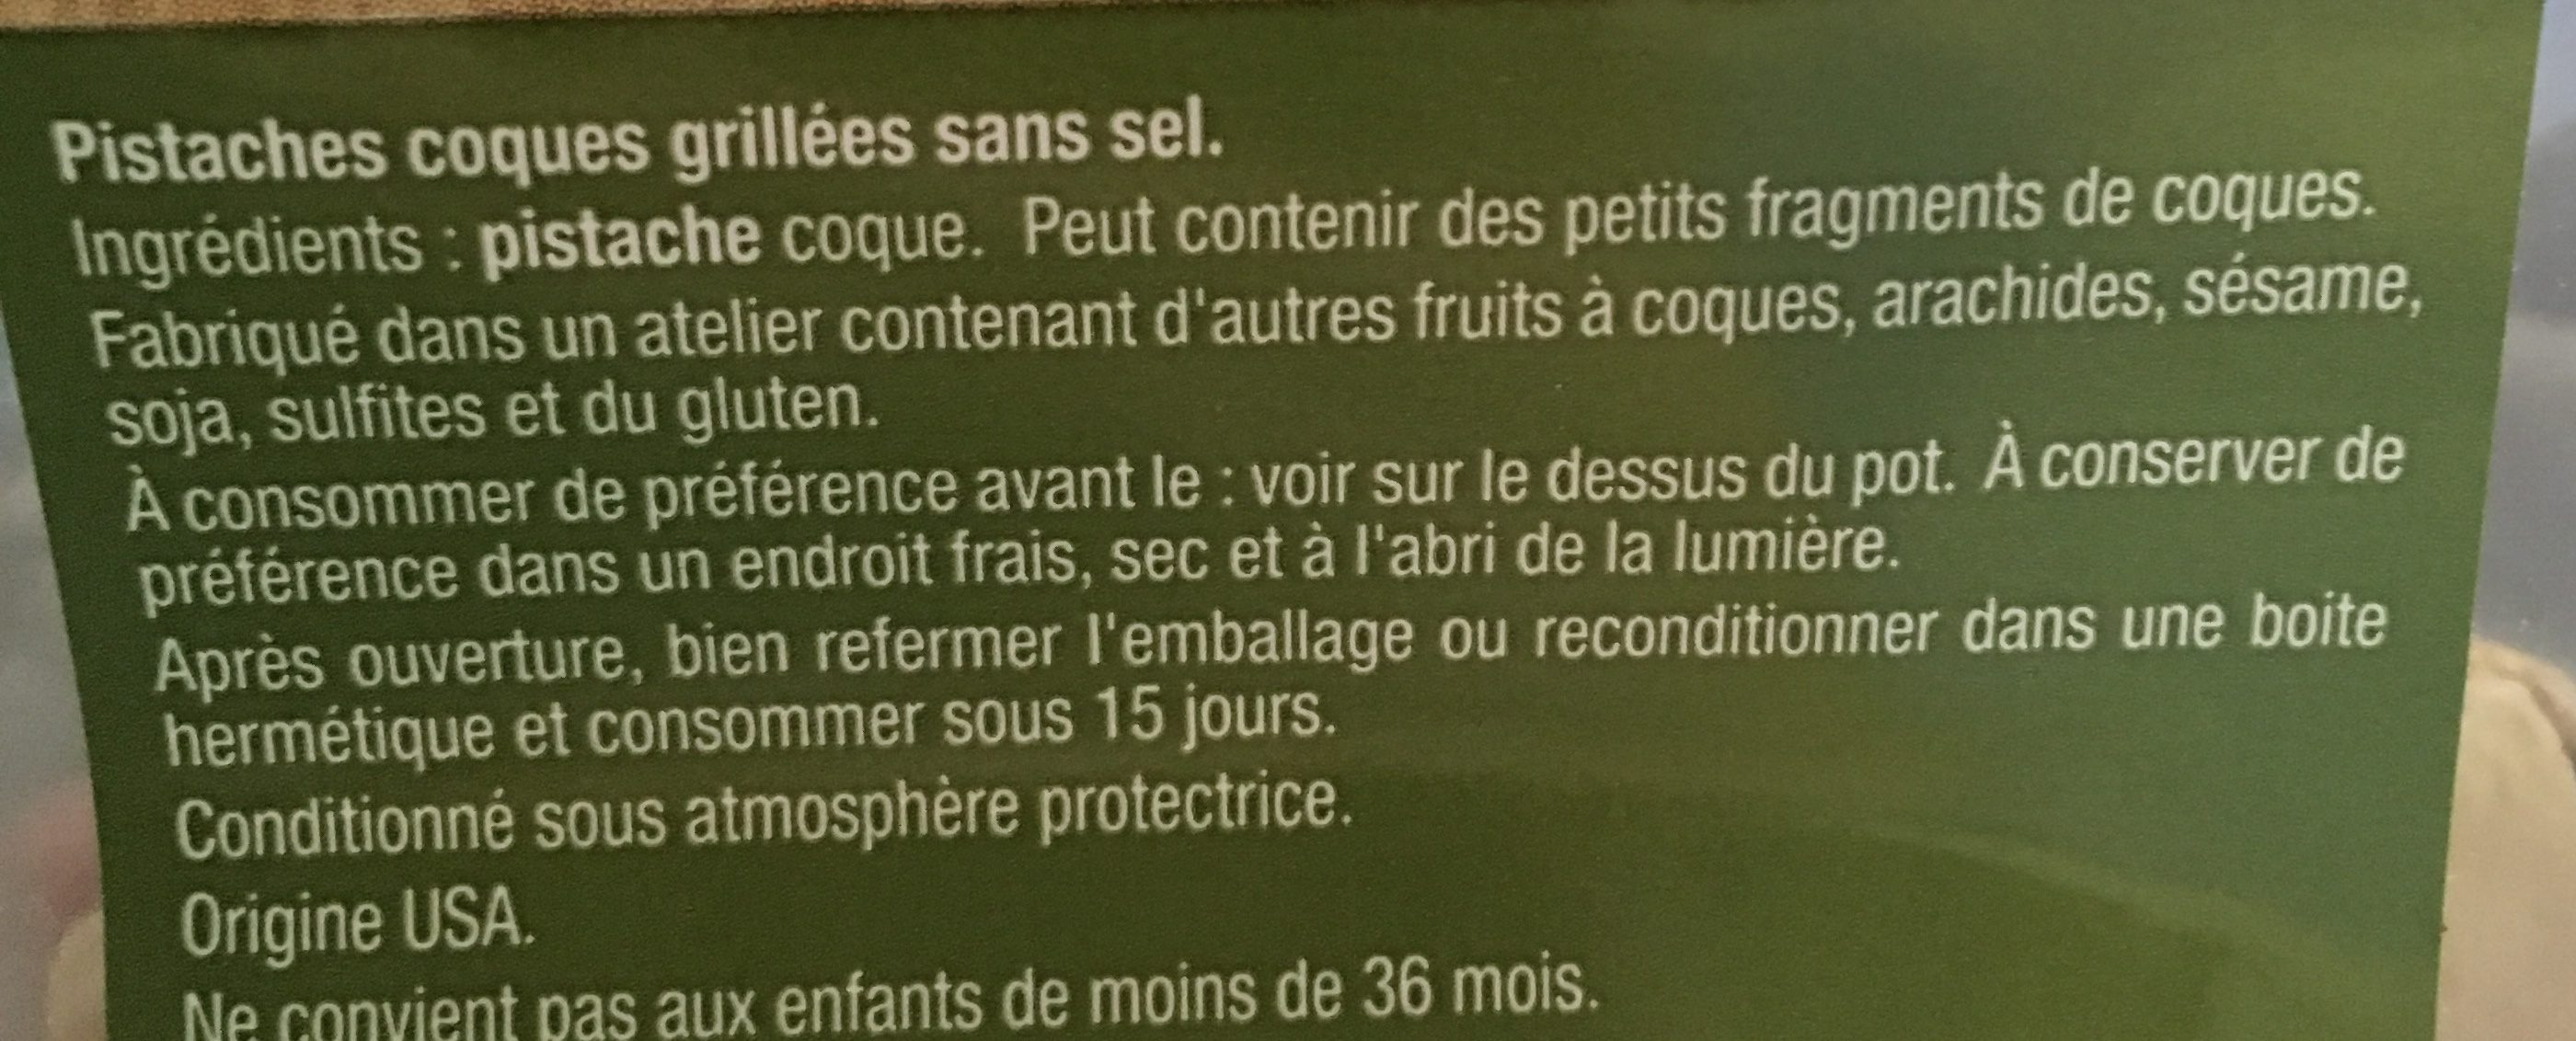 Pistaches grillées sans sel - Ingrédients - fr